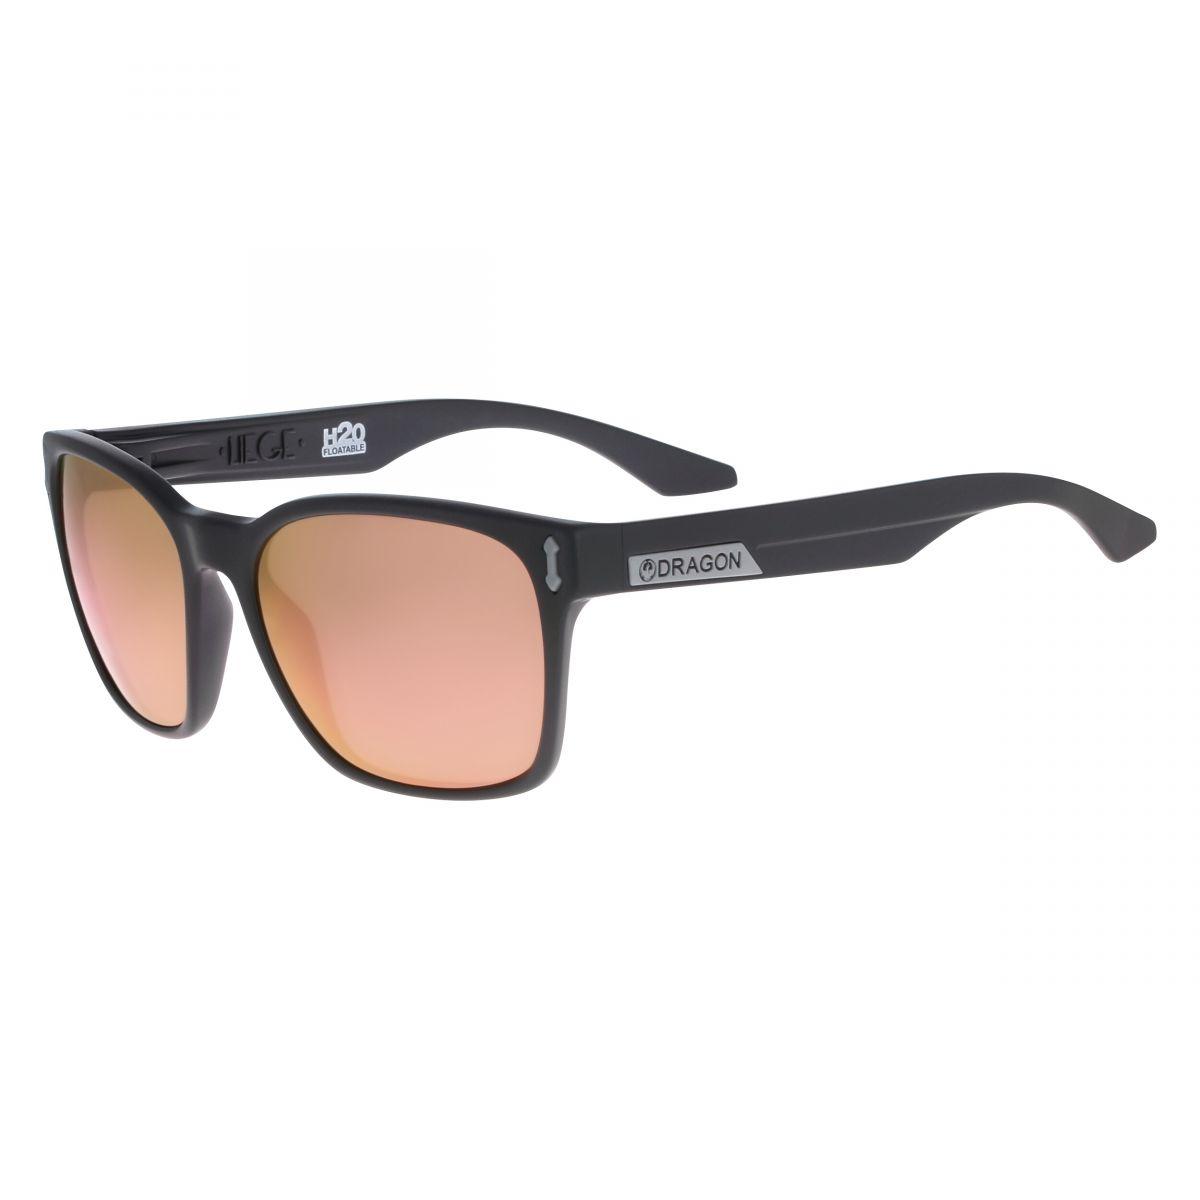 Dragon sunglasses occhiali da sole da unisex 30102 036 for Pubblicita occhiali da sole